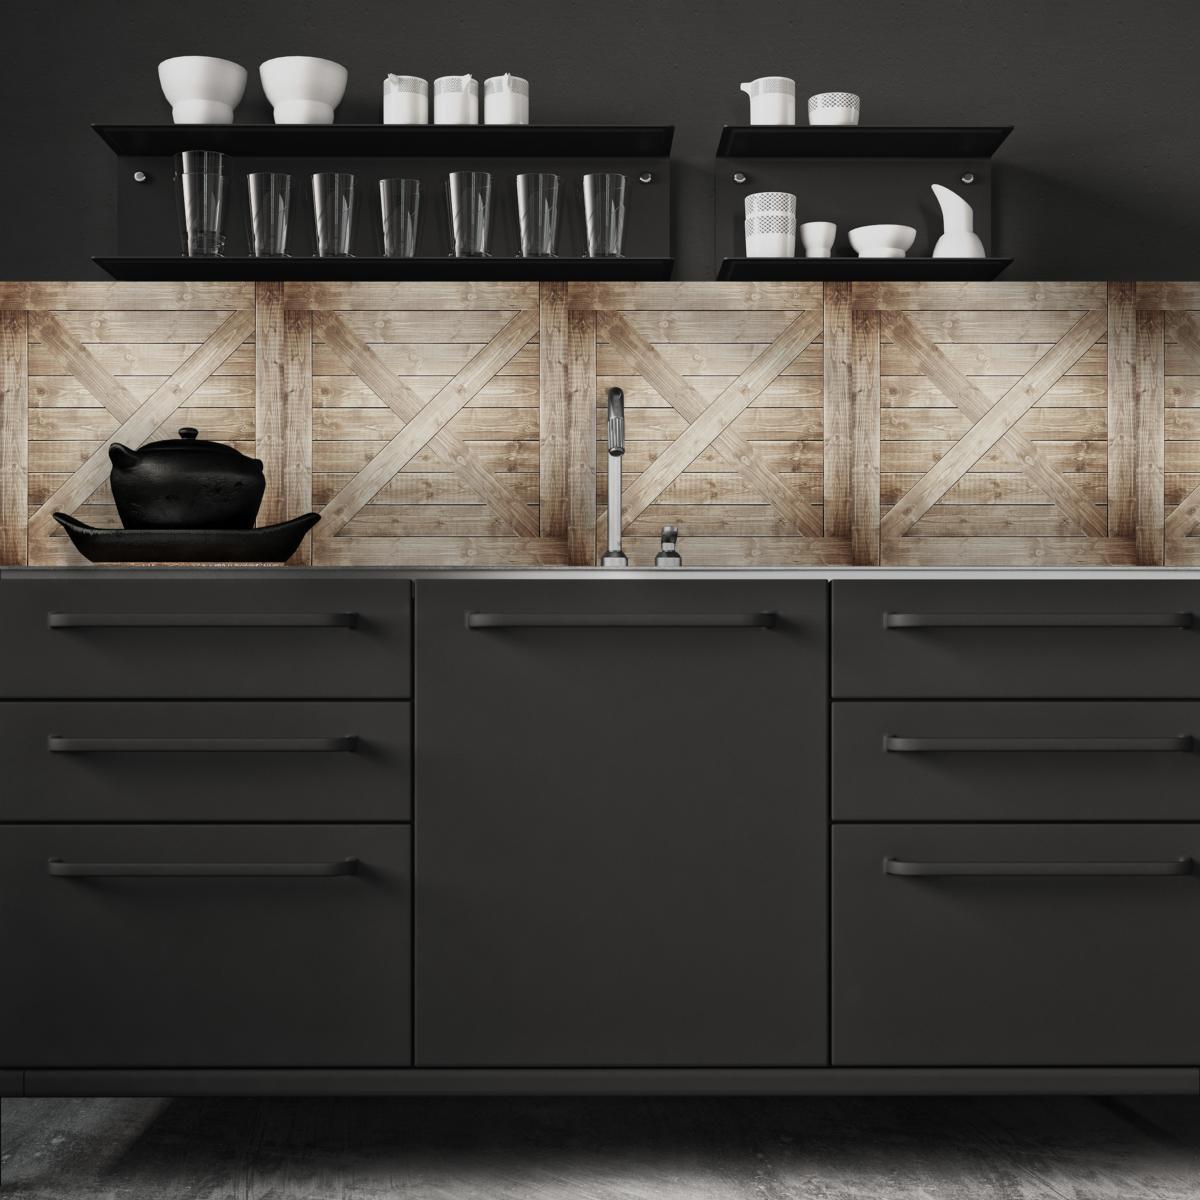 cr dence adh sive effet de mati re caisse en bois. Black Bedroom Furniture Sets. Home Design Ideas